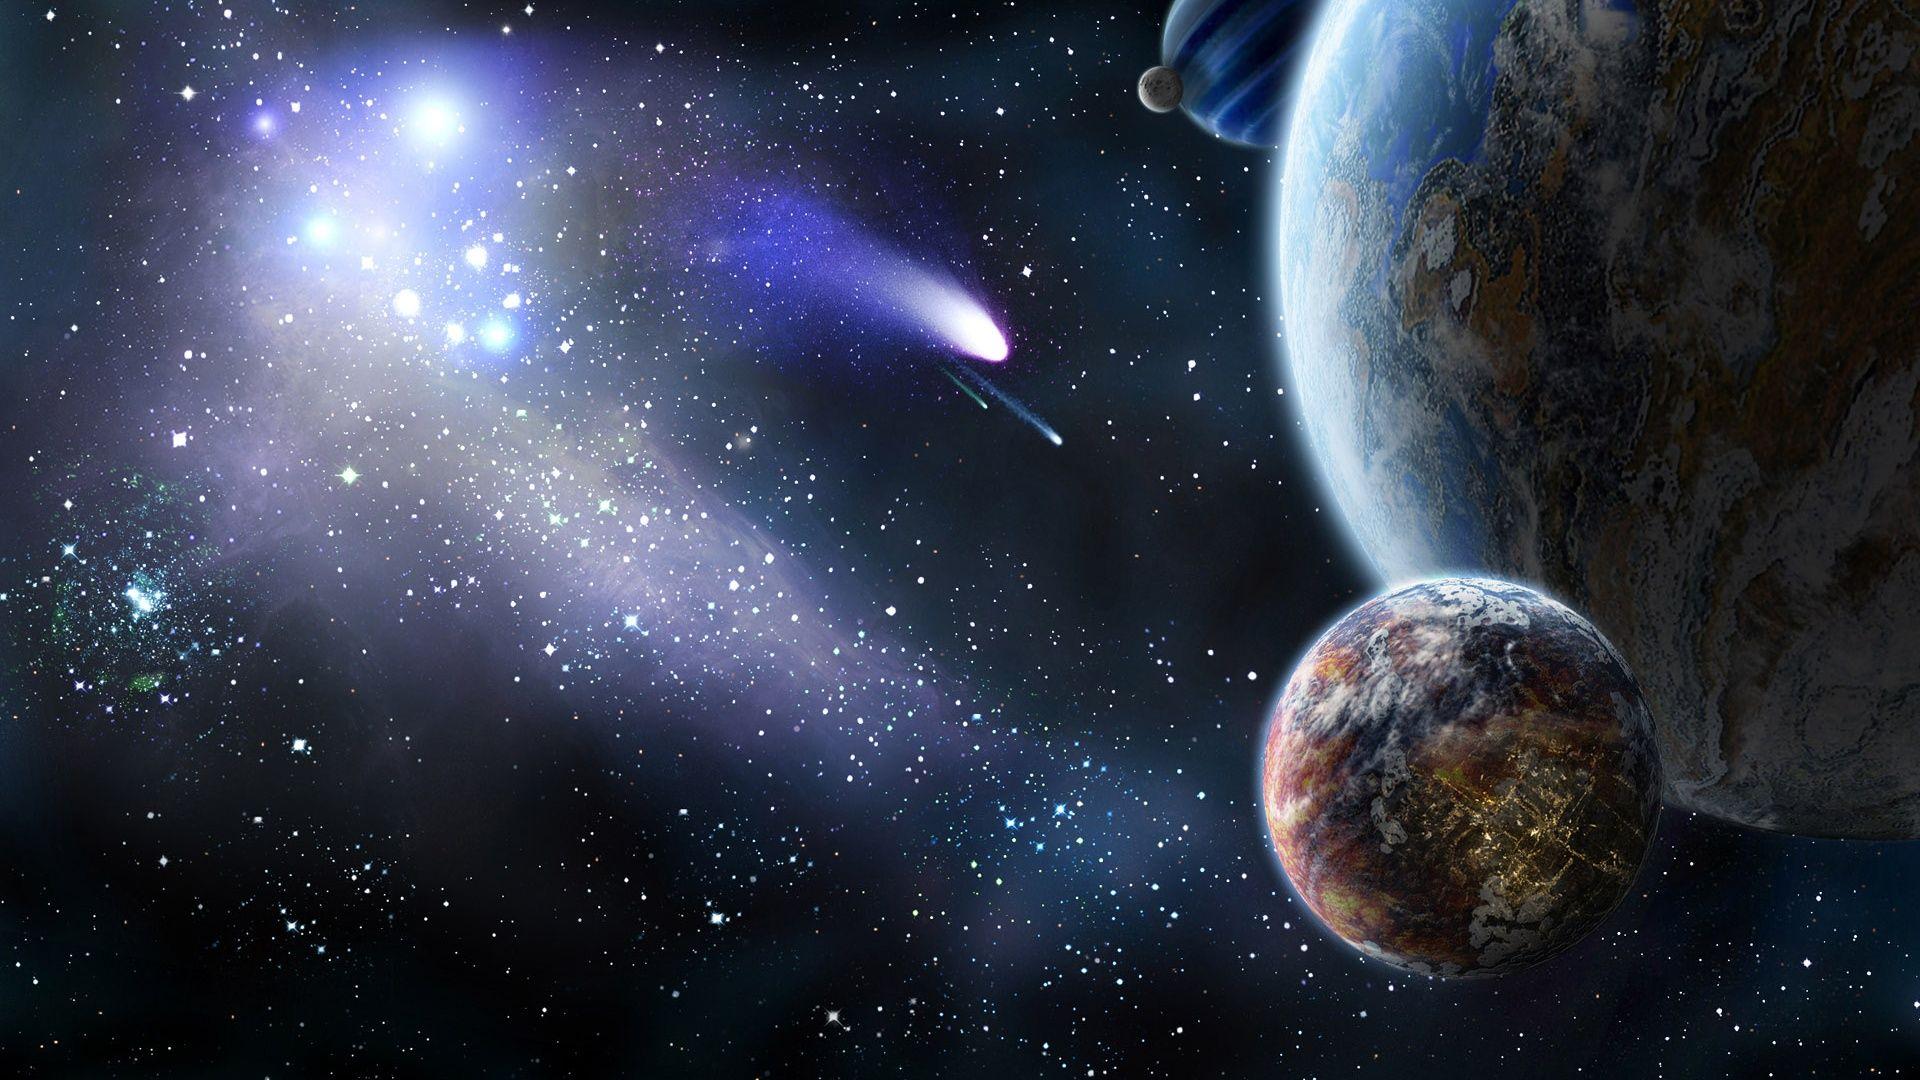 Planete Et La Comete Dans L Espace Fonds D Ecran 1920x1080 Fonds D Ecran De Telechargement Cosmos Tableau Star Wars Fond Ecran